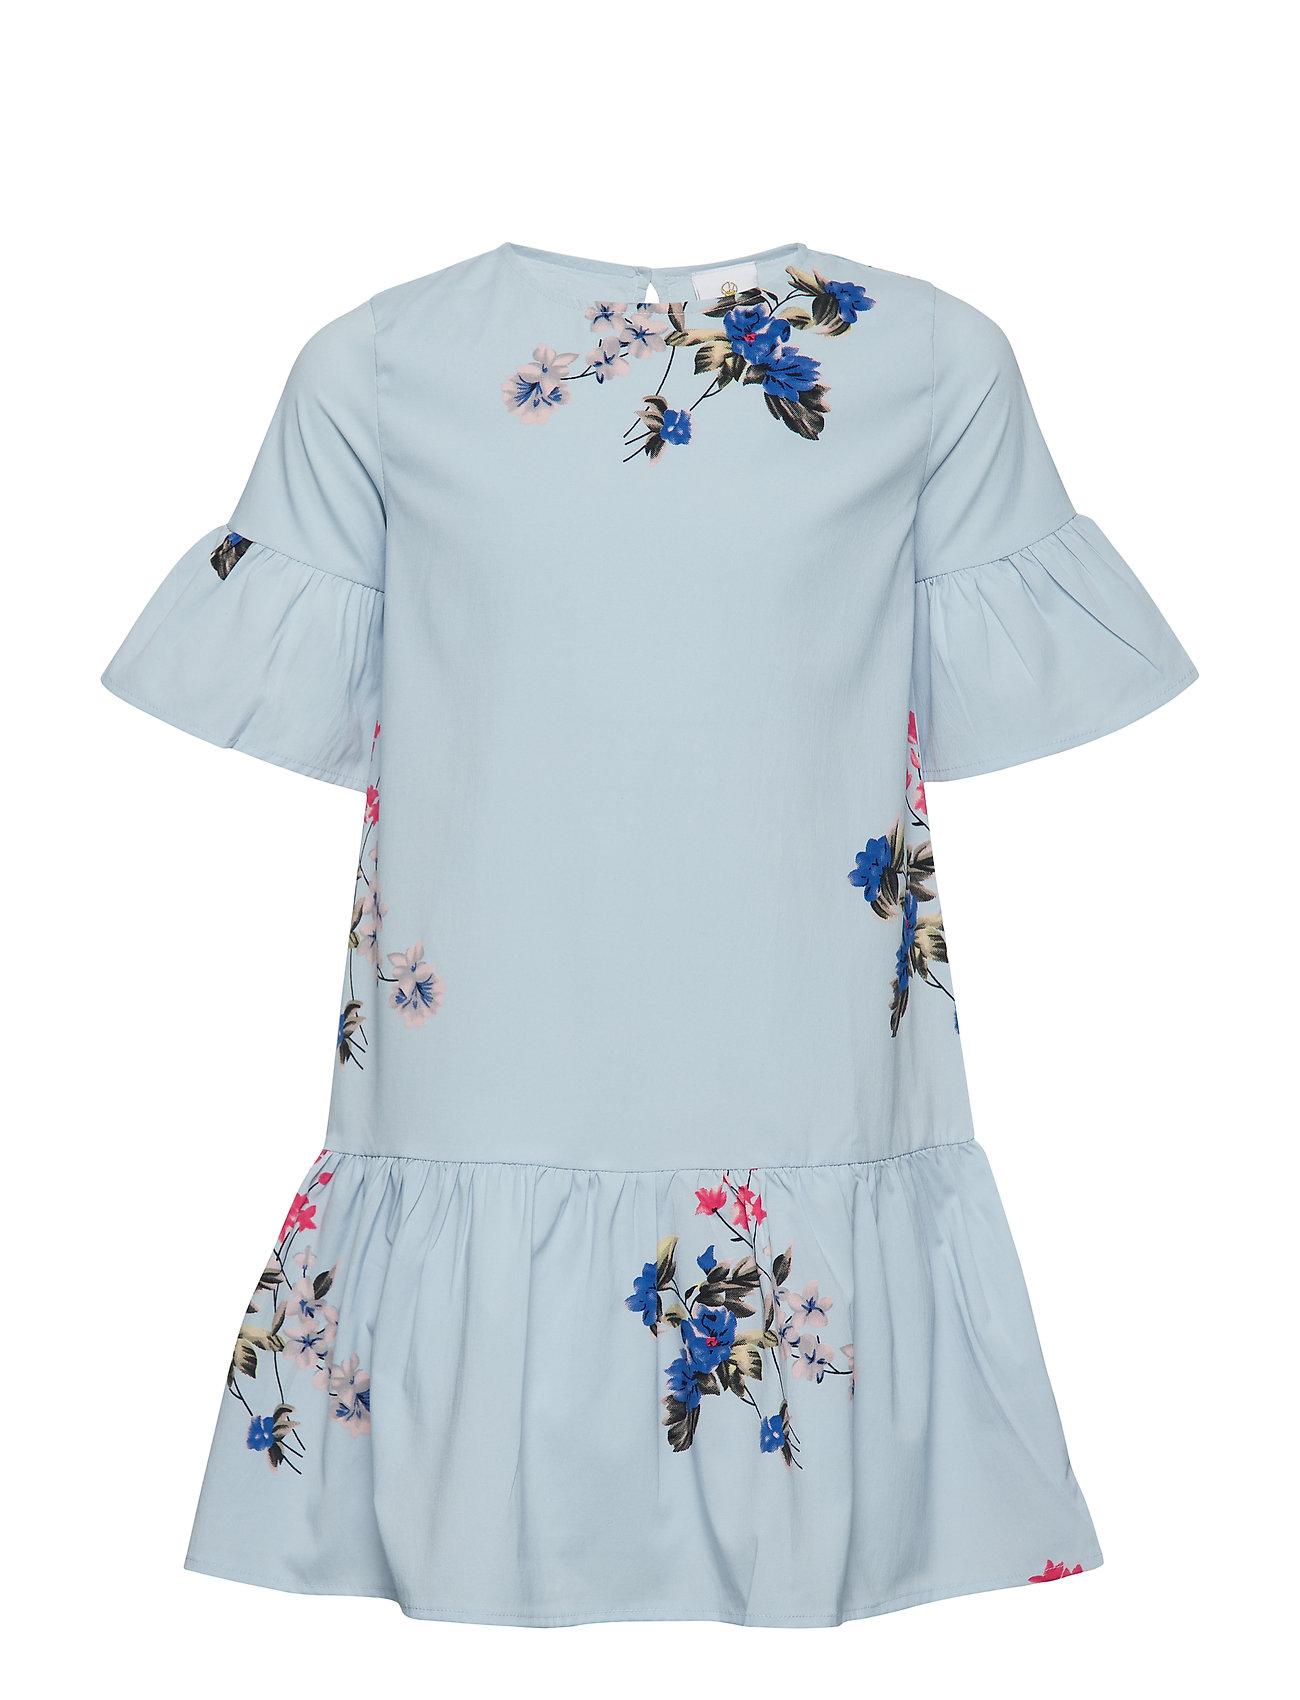 Image of Kerstin S_s Dress Kjole Blå THE NEW (3116344623)